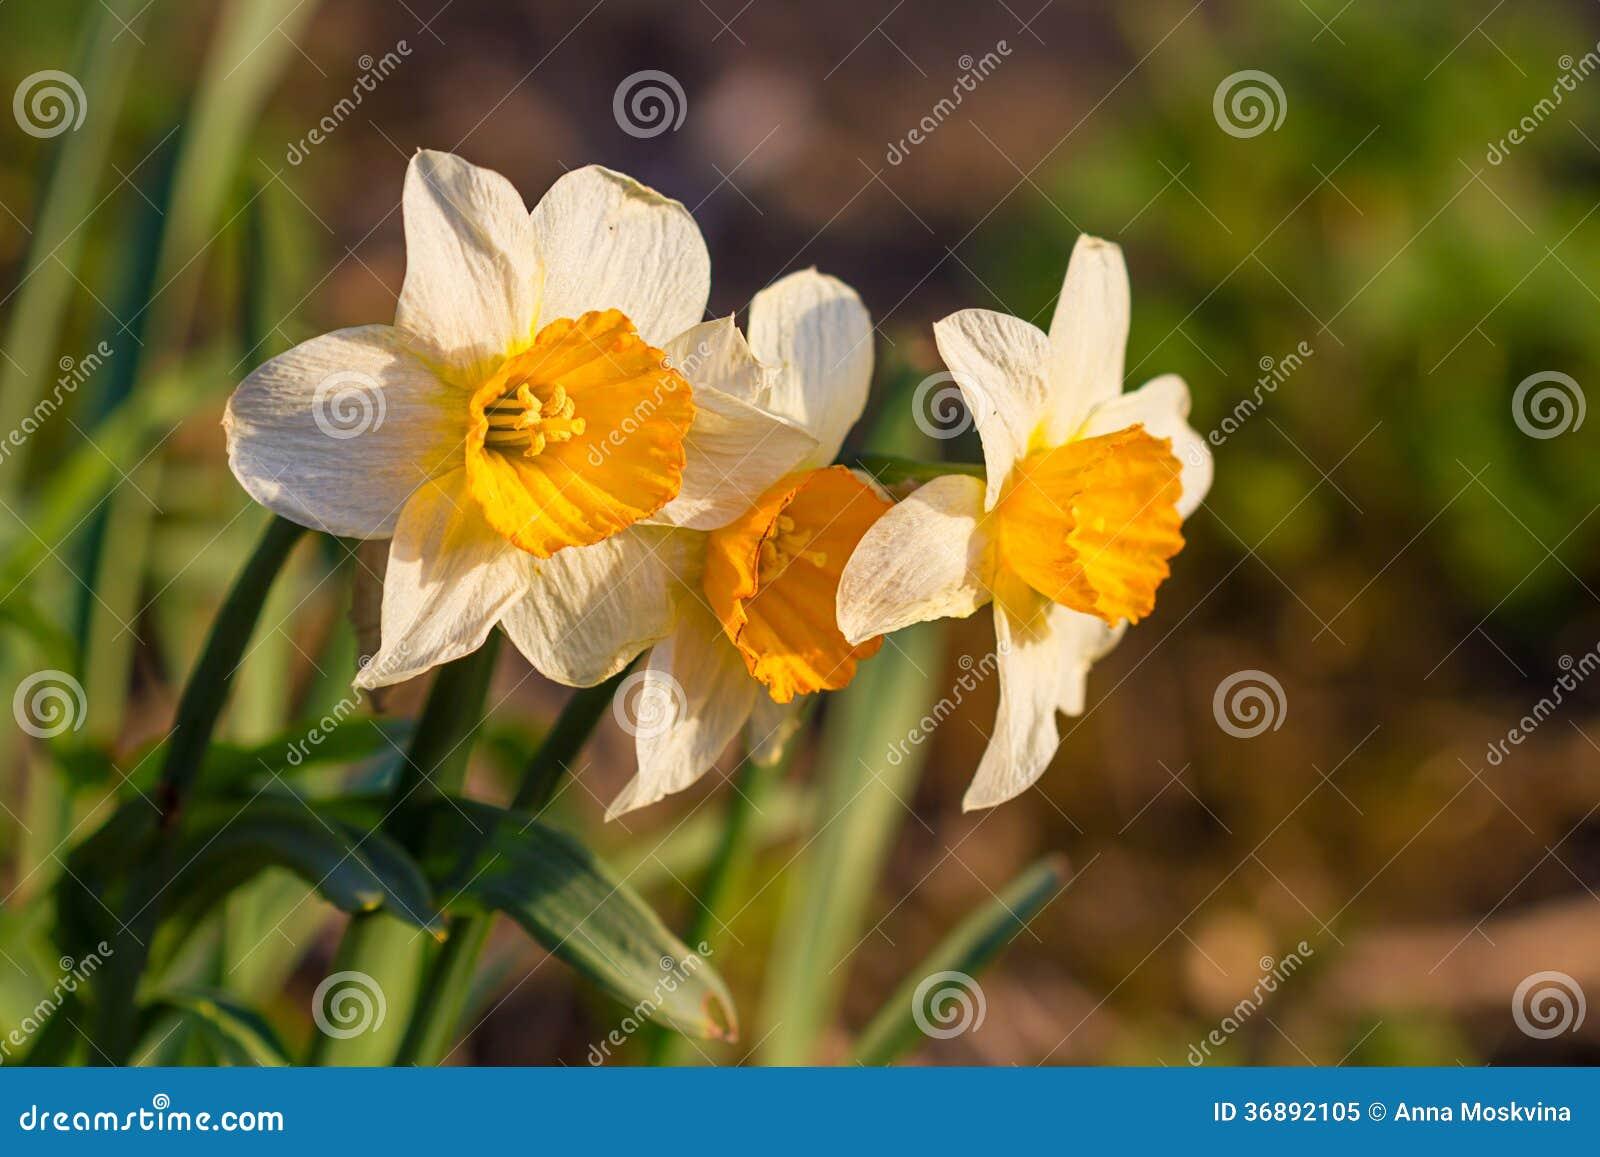 Download Fiori Della Molla Del Narciso Del Narciso Immagine Stock - Immagine di floreale, nasals: 36892105